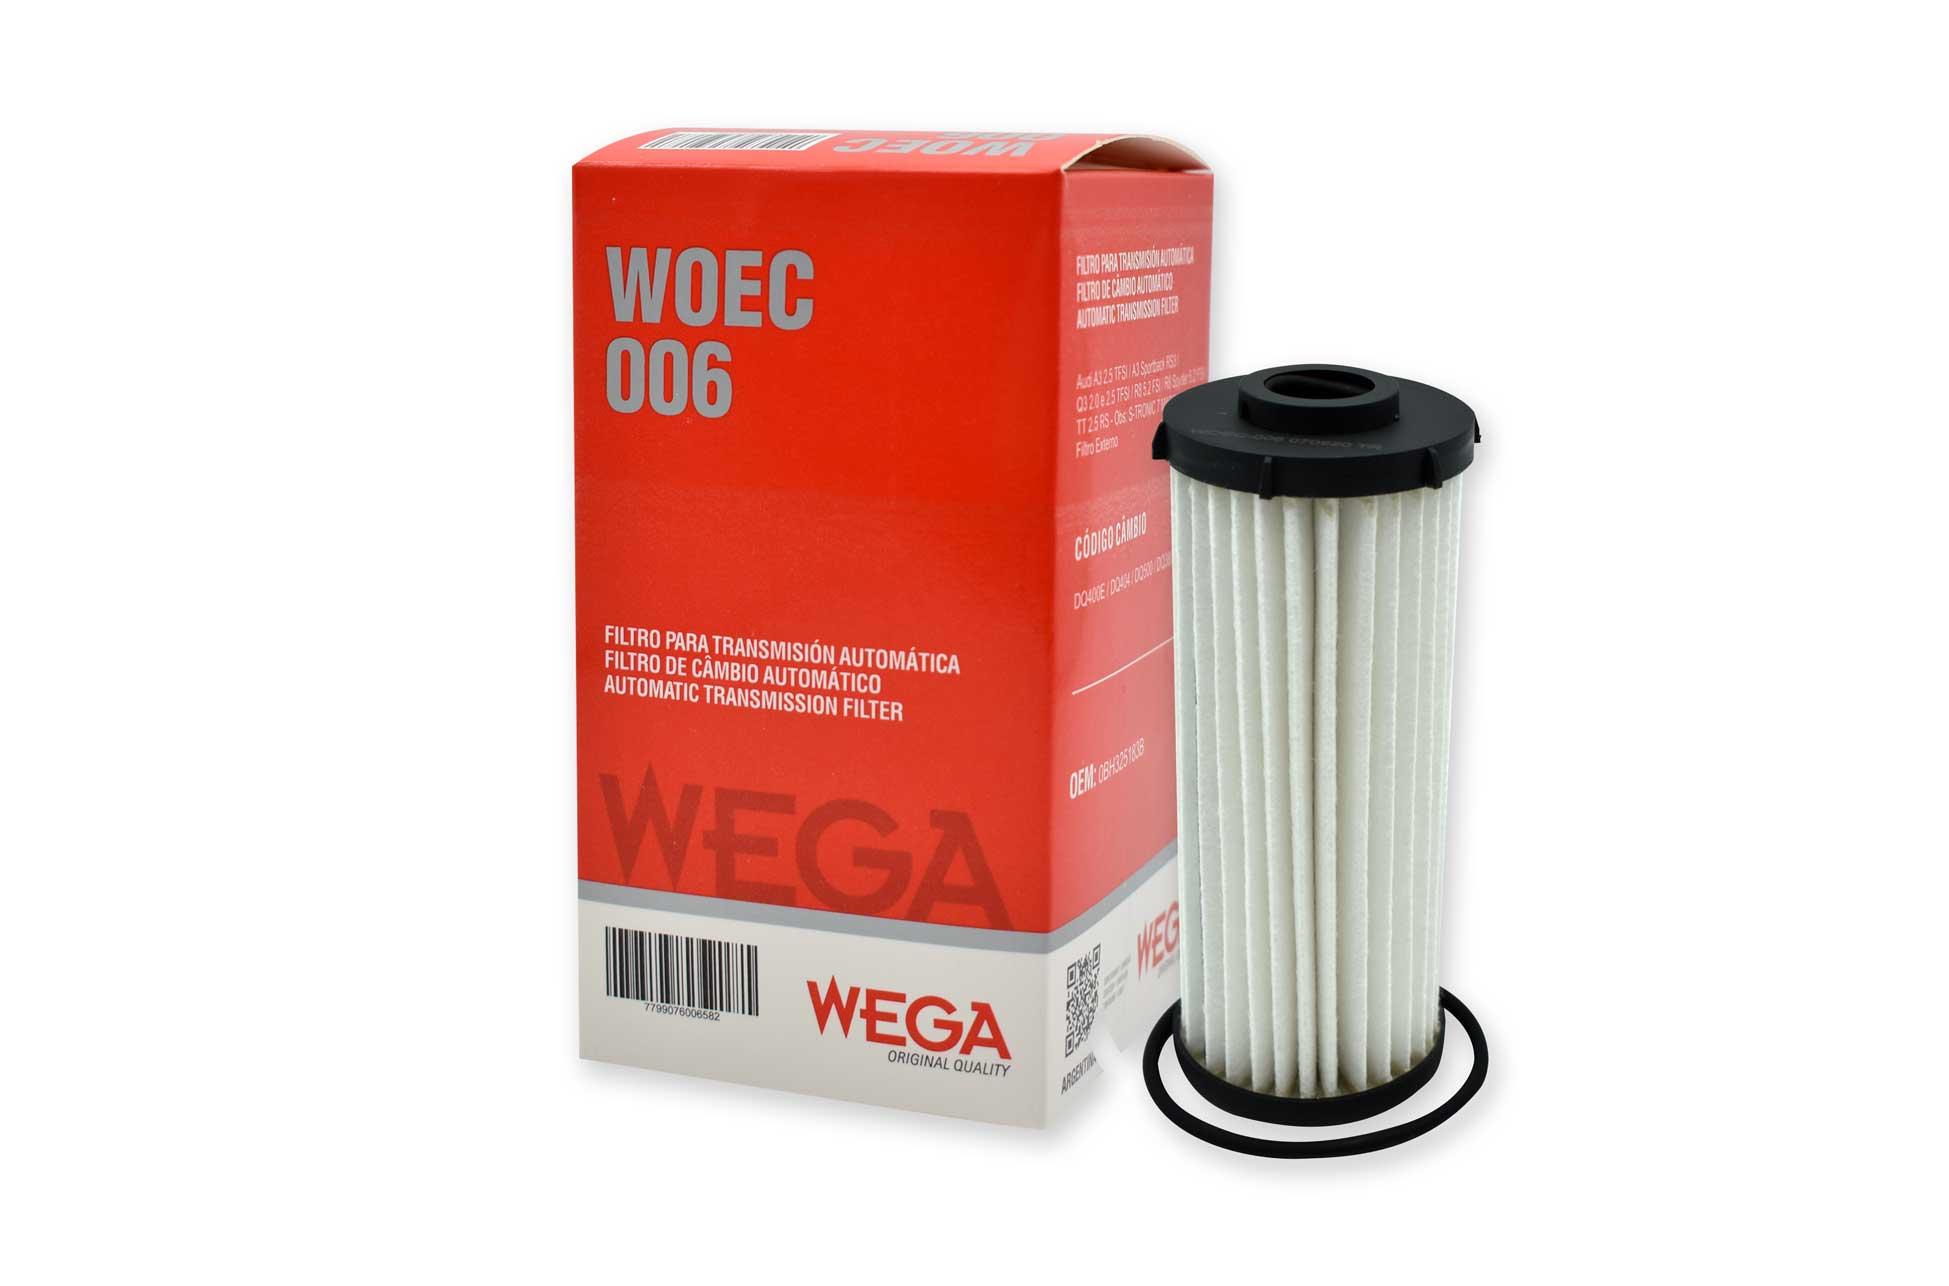 Código: WOEC-006